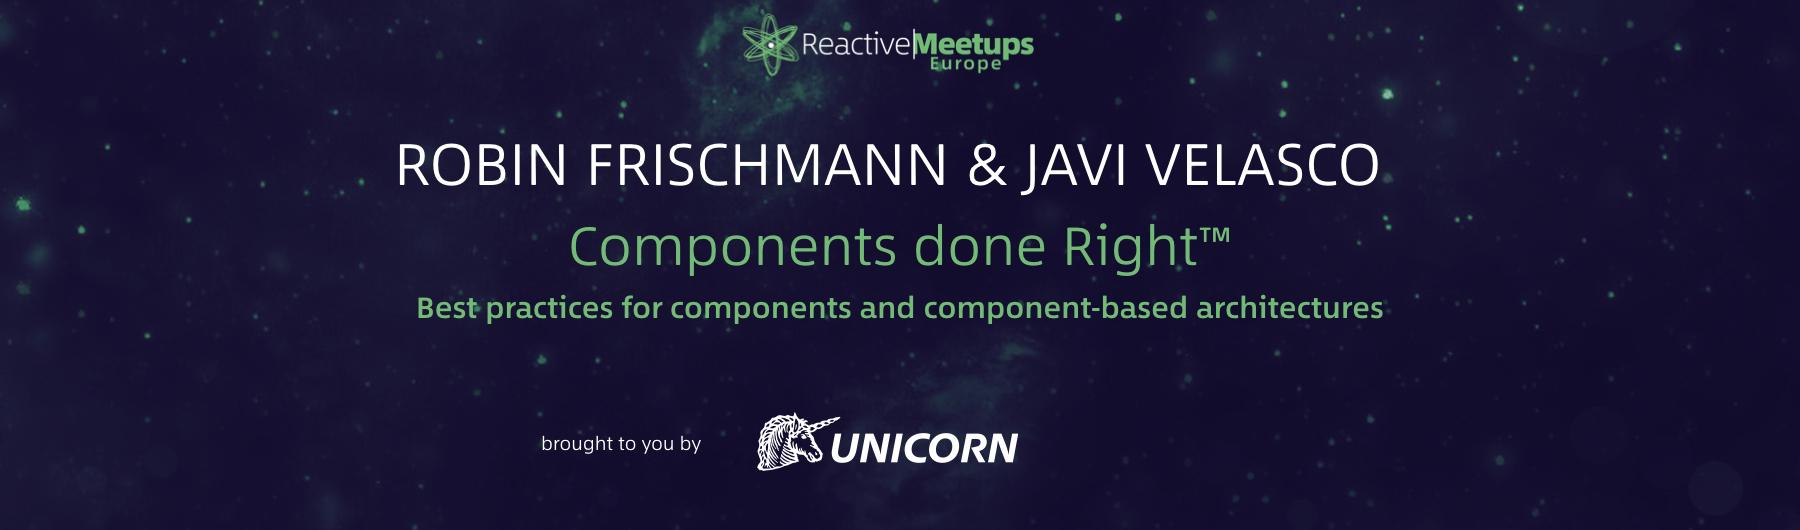 ReactiveMeetups Brno | Frischmann & Velasco